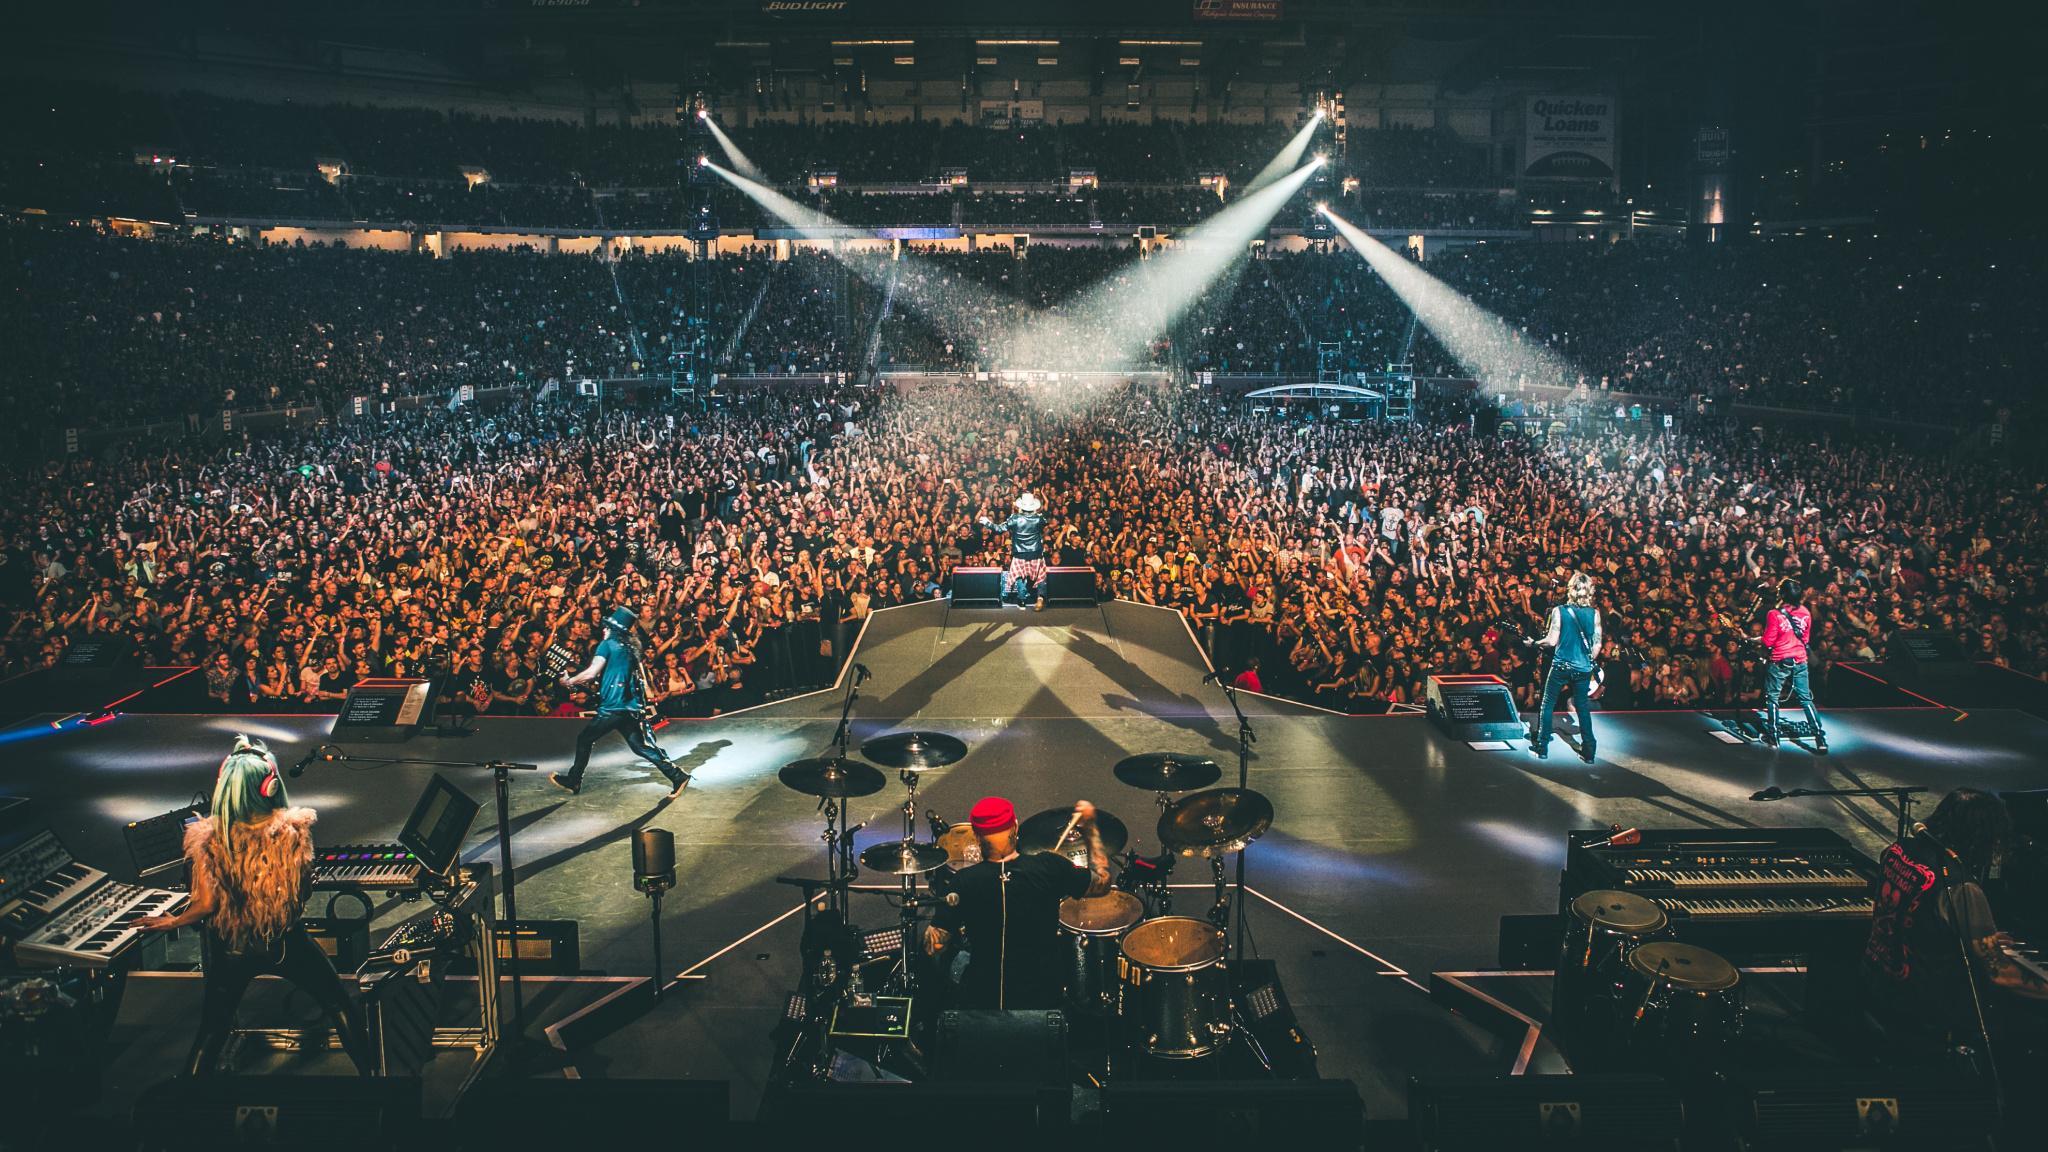 Концерты во время пандемии могут быть не так опасны, как считалось